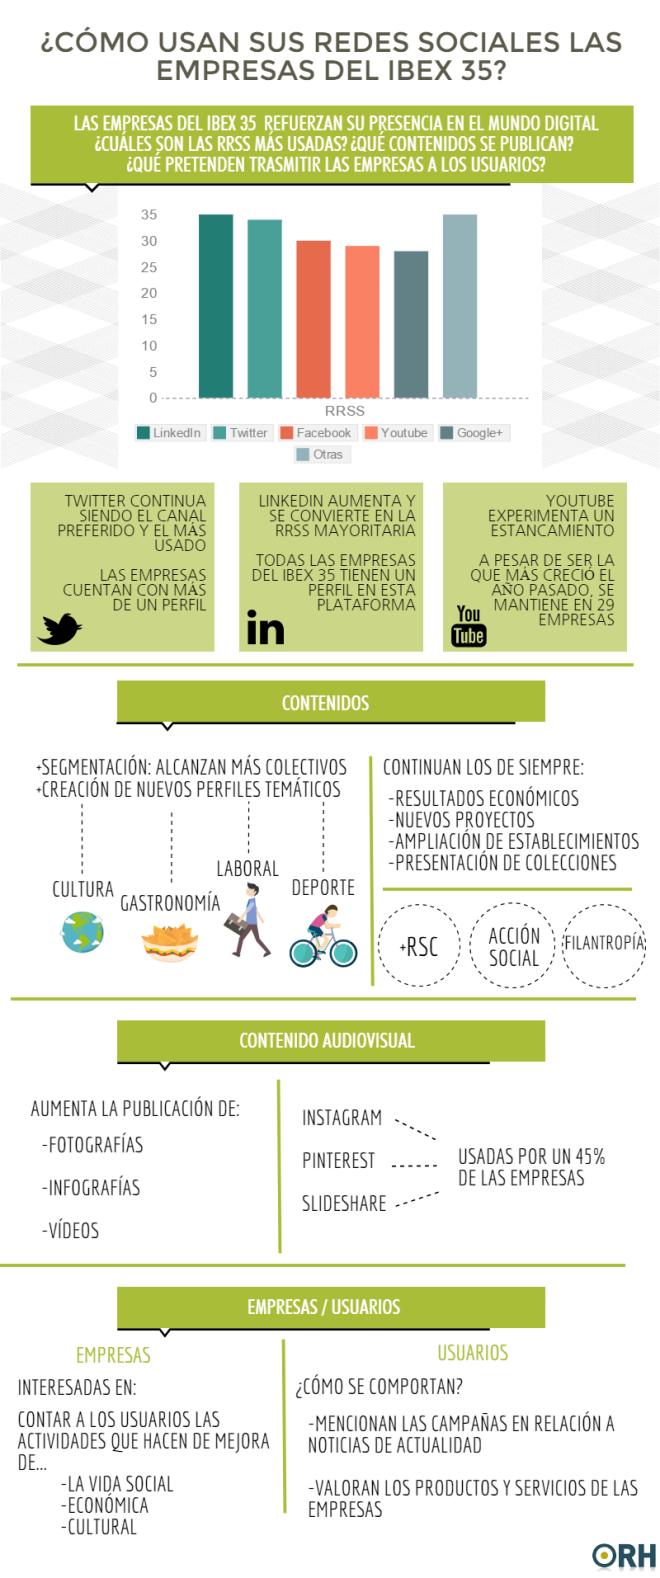 Cómo usan las Redes Sociales las empresas del IBEX 35